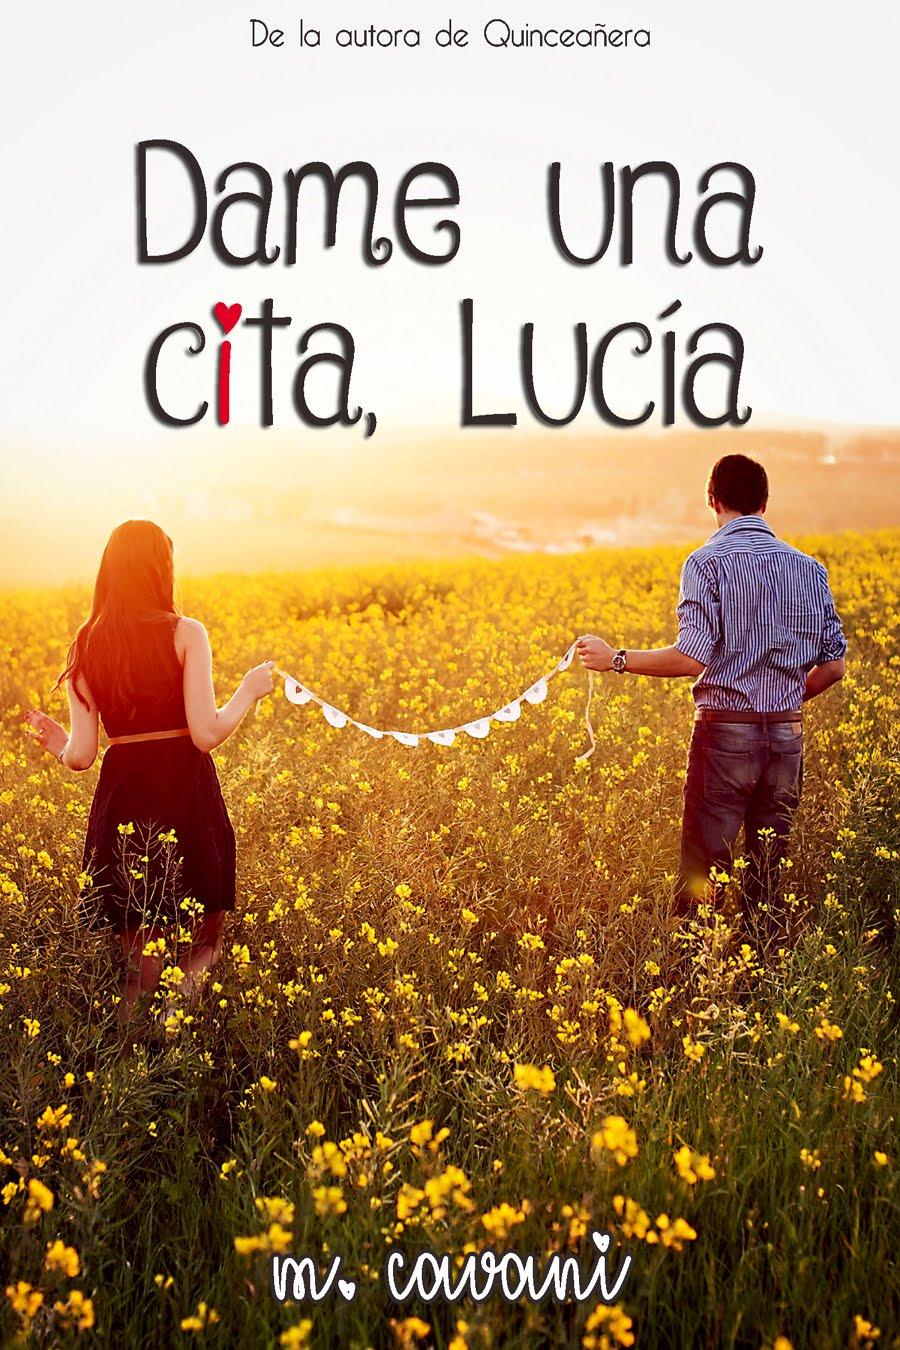 Dame una cita, Lucía - Novela nueva